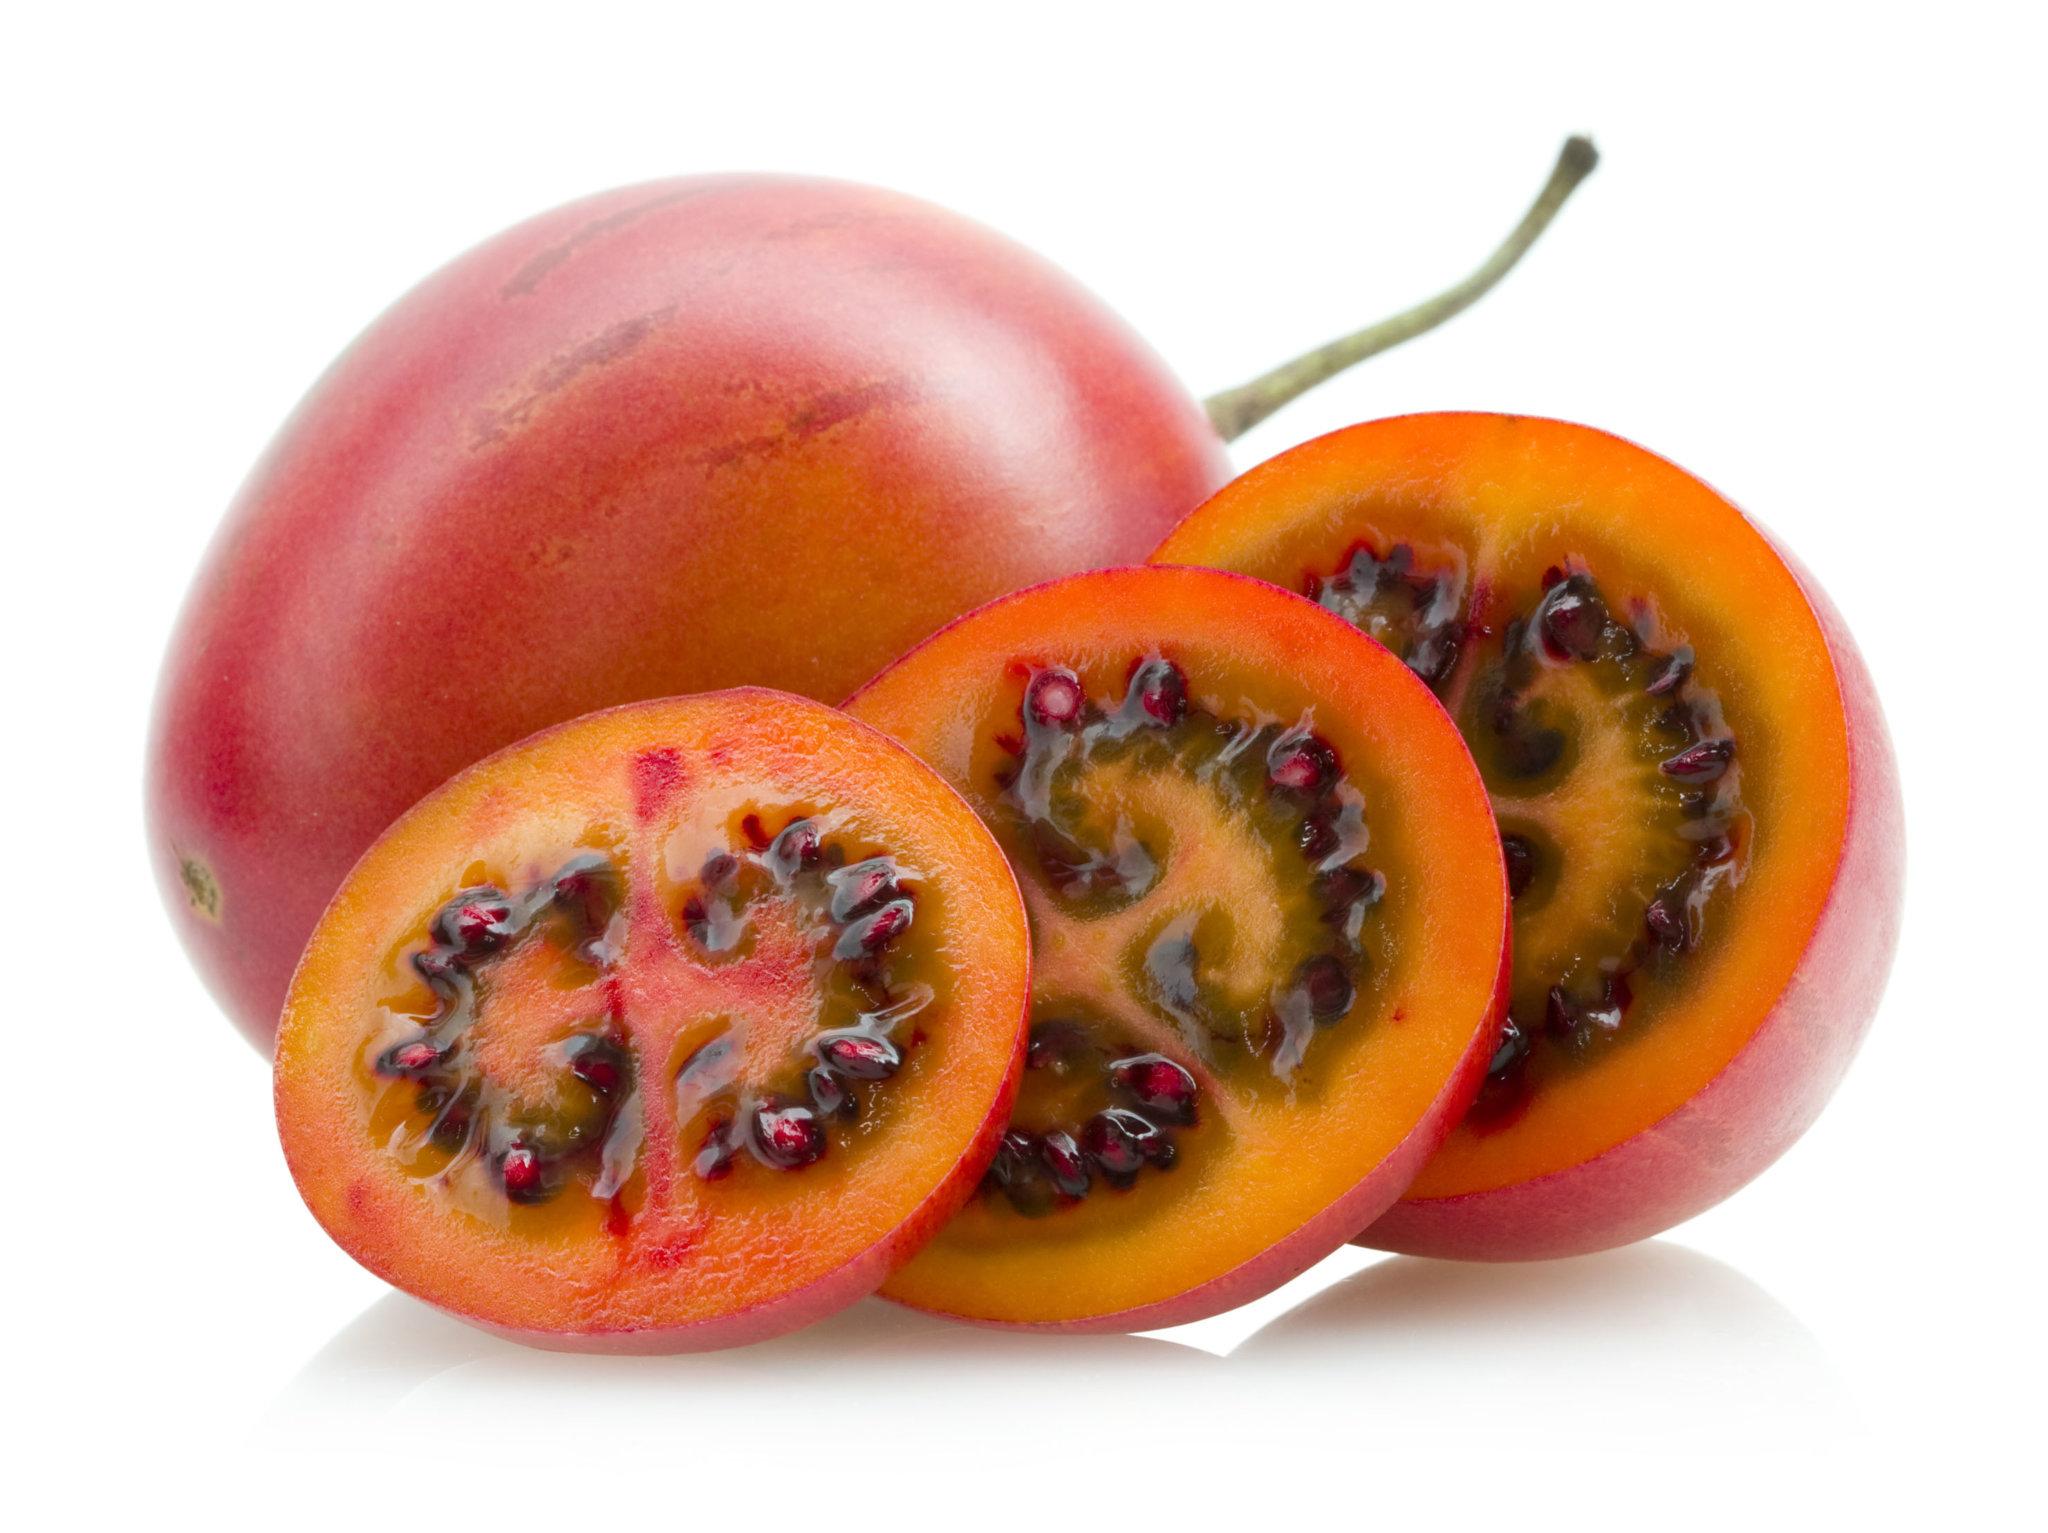 Tamarilho - Benefícios do tomate de árvore 1